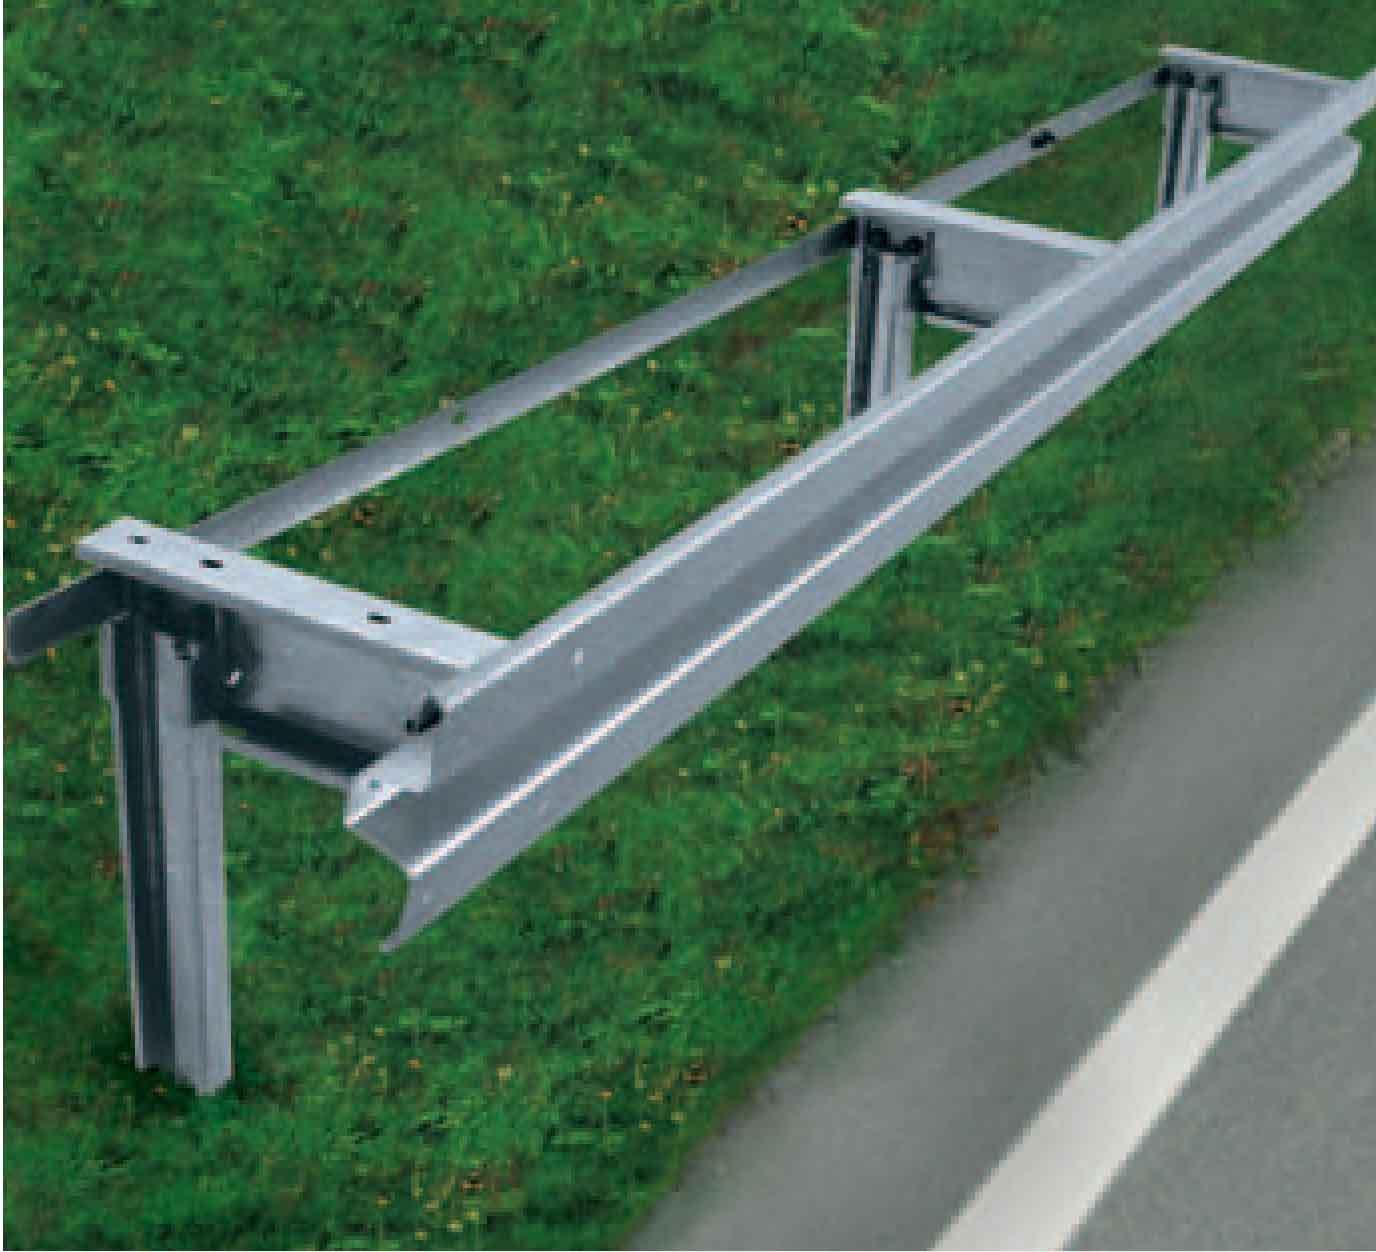 Classical Guard Rails Roads & Utilities